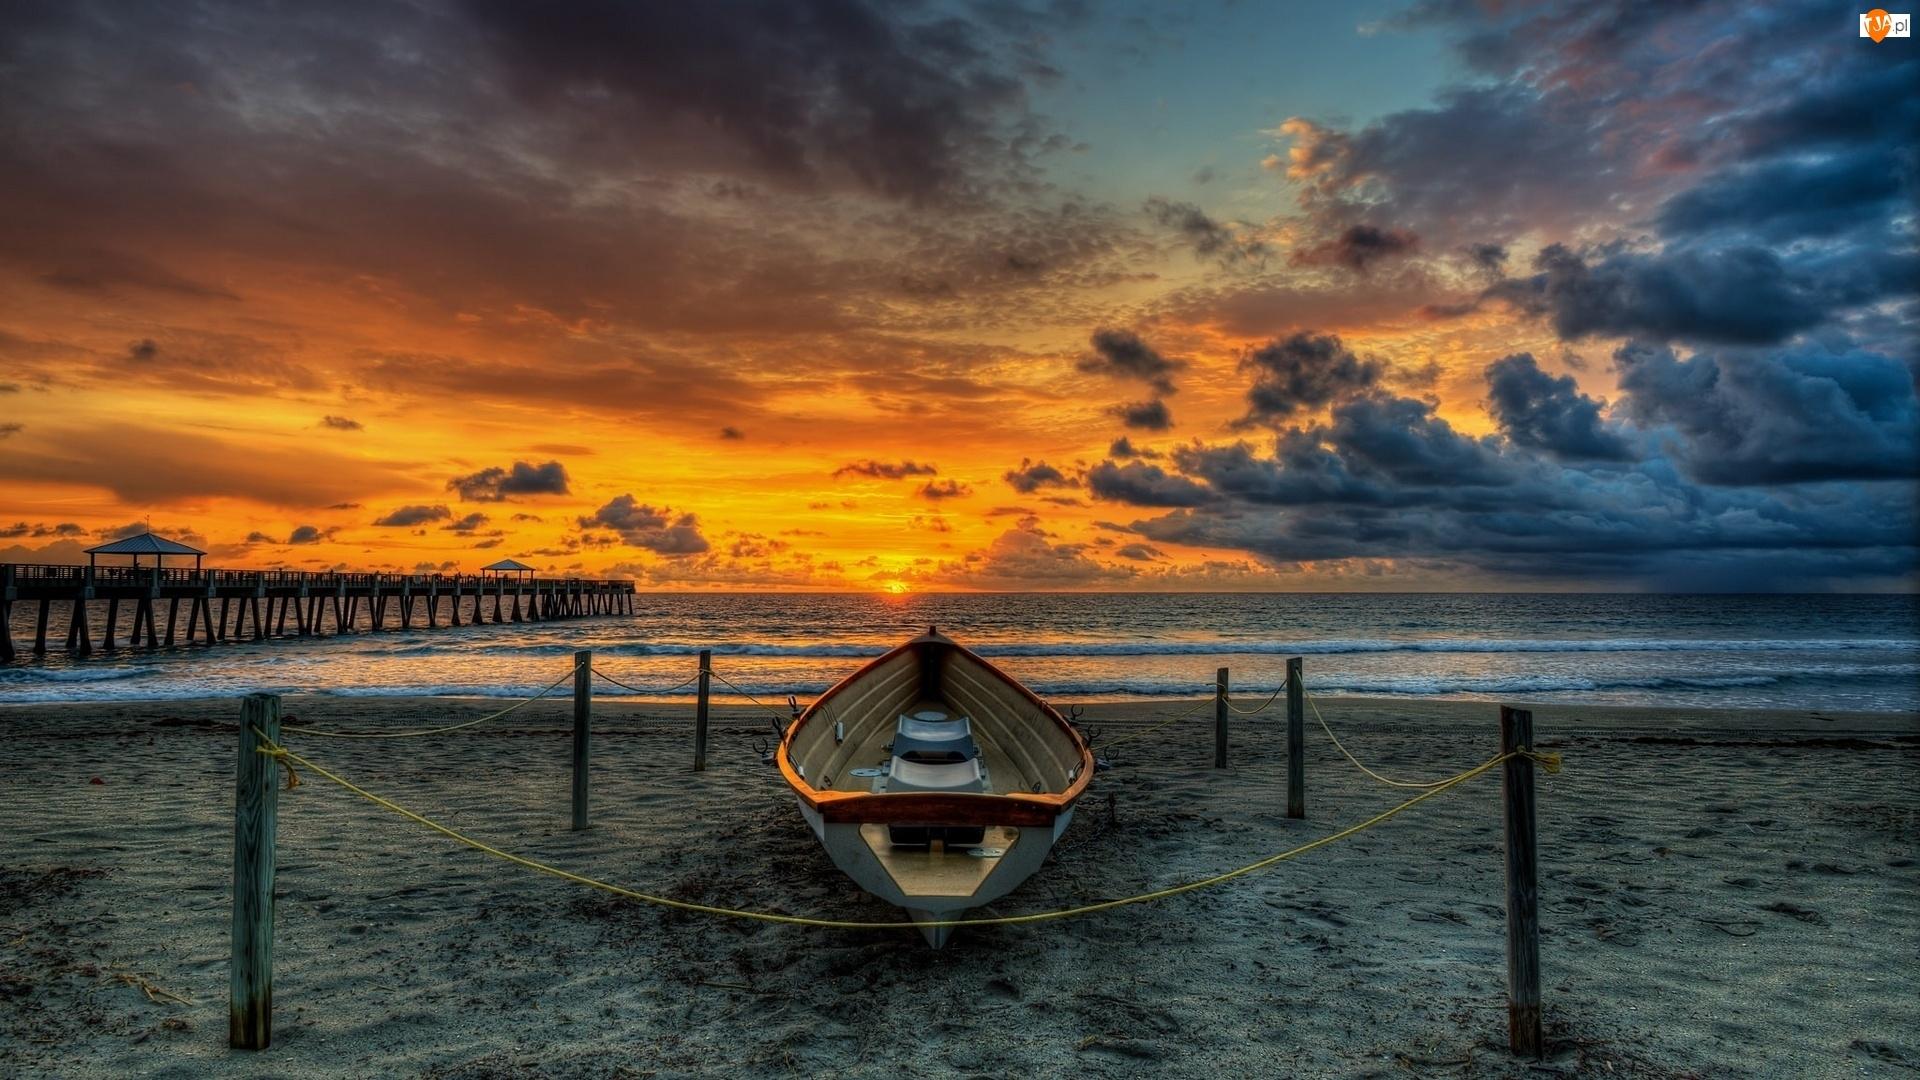 Molo, Chmury, Łódka, Zachód słońca, Plaża, Morze